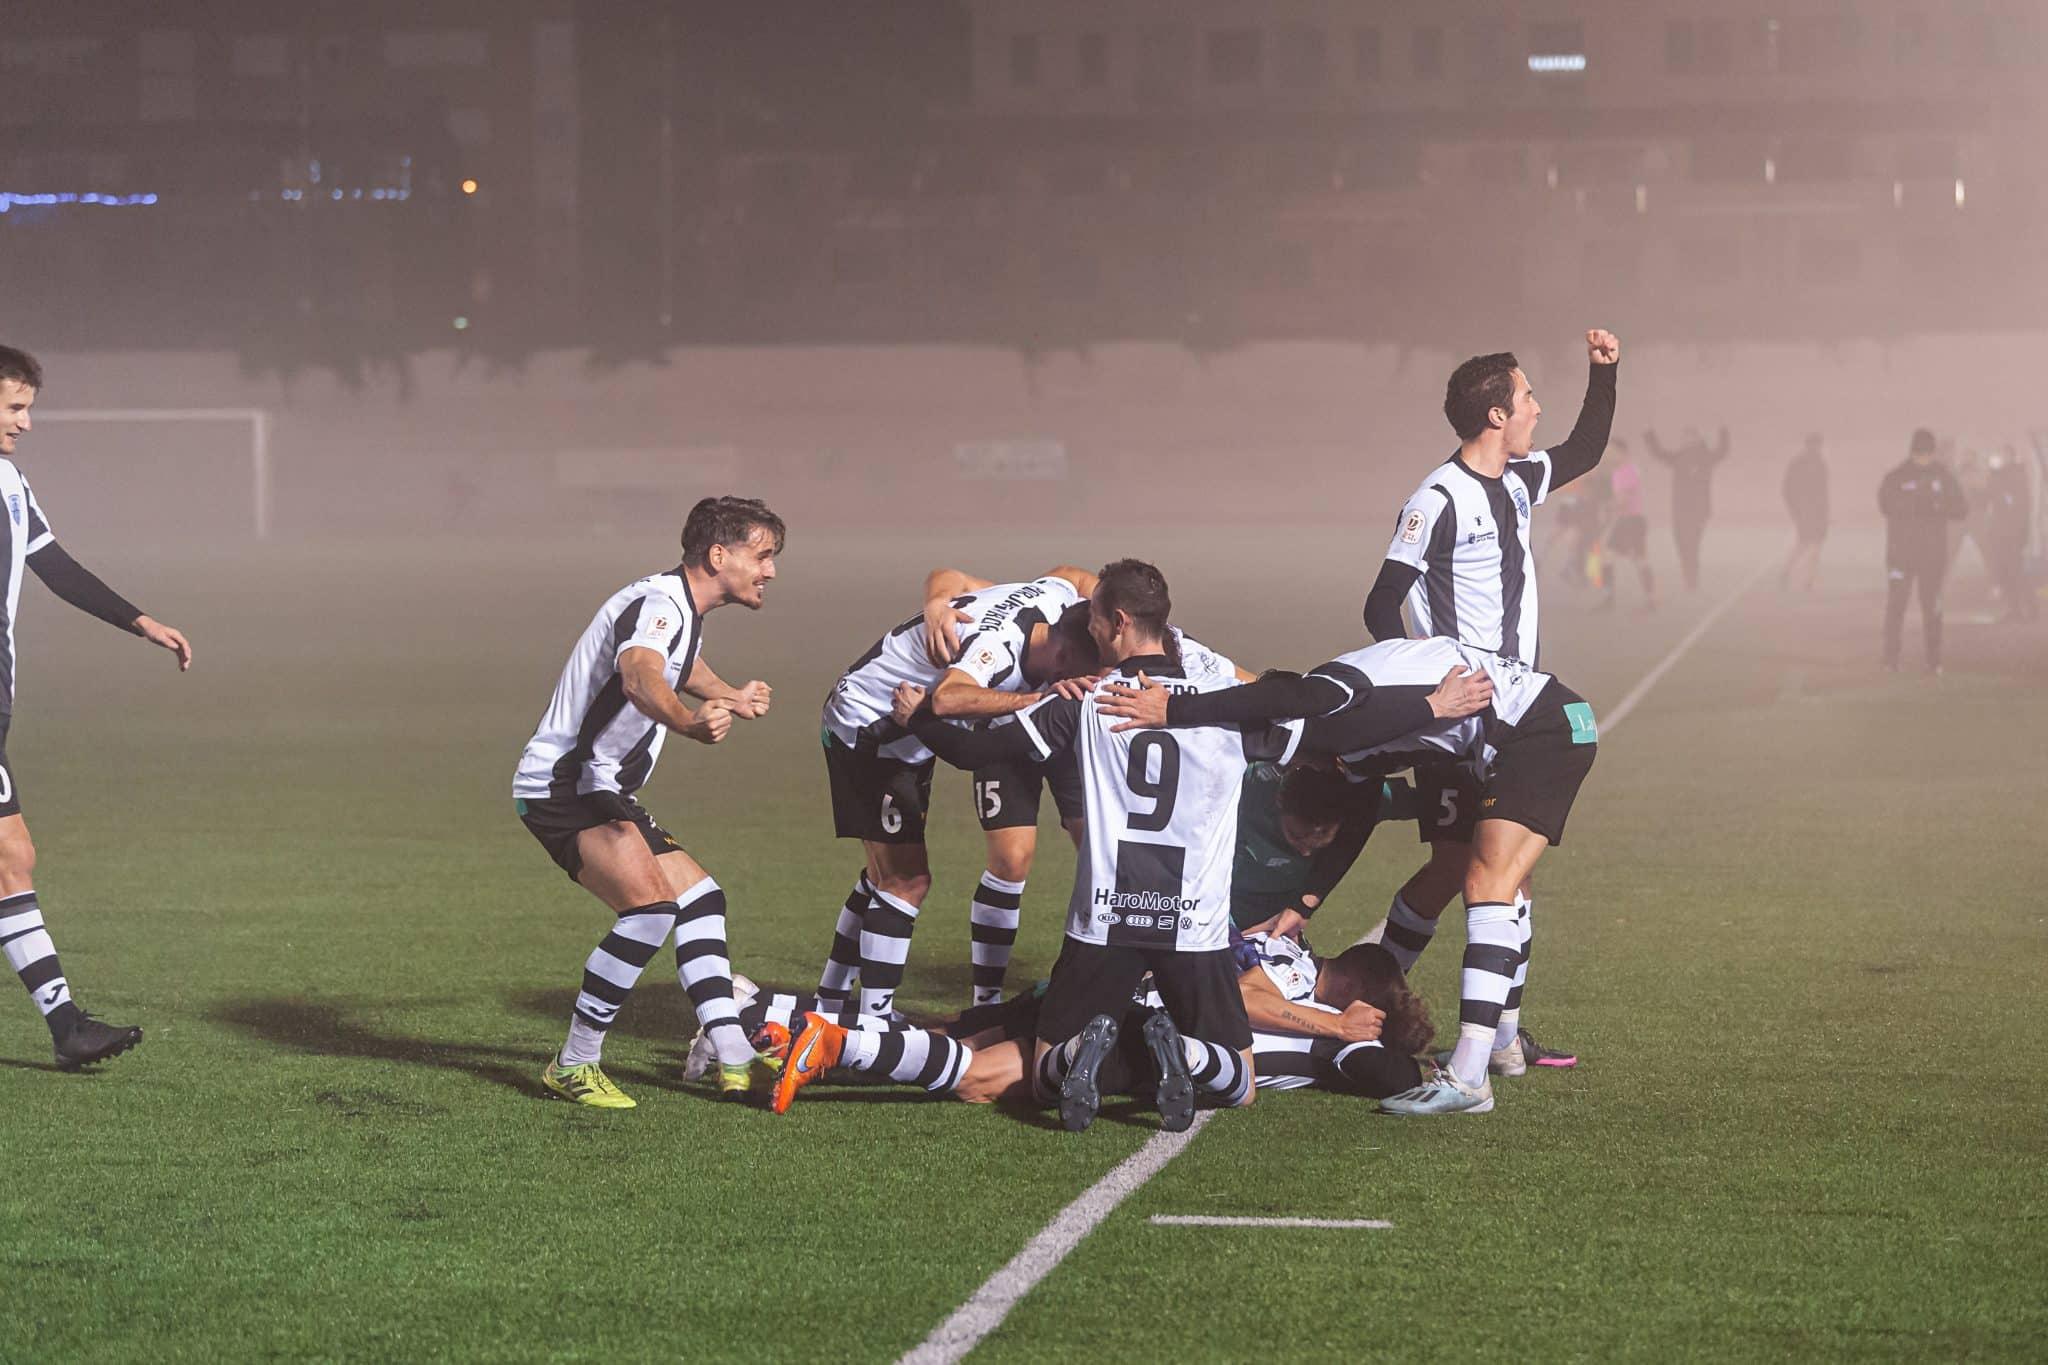 FOTOS: El Haro, el único equipo riojano que sobrevive en la Copa del Rey 16